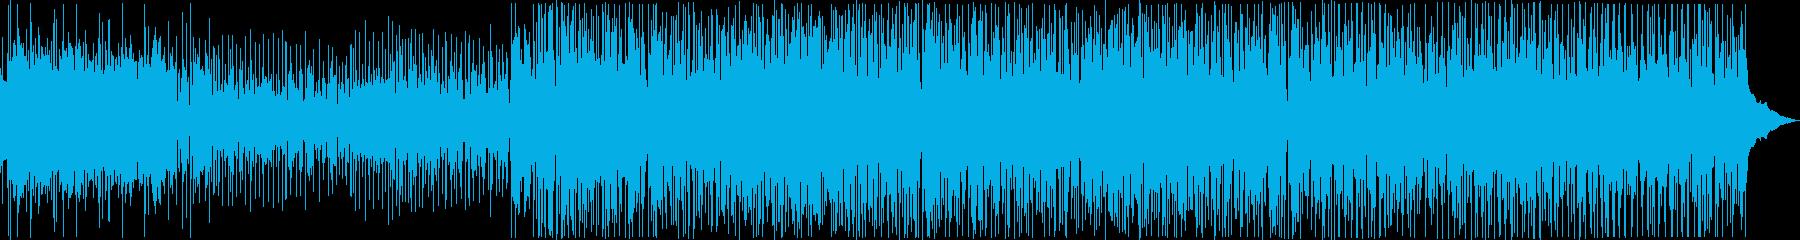 ゆったりしたおしゃれなボサノバBGMの再生済みの波形